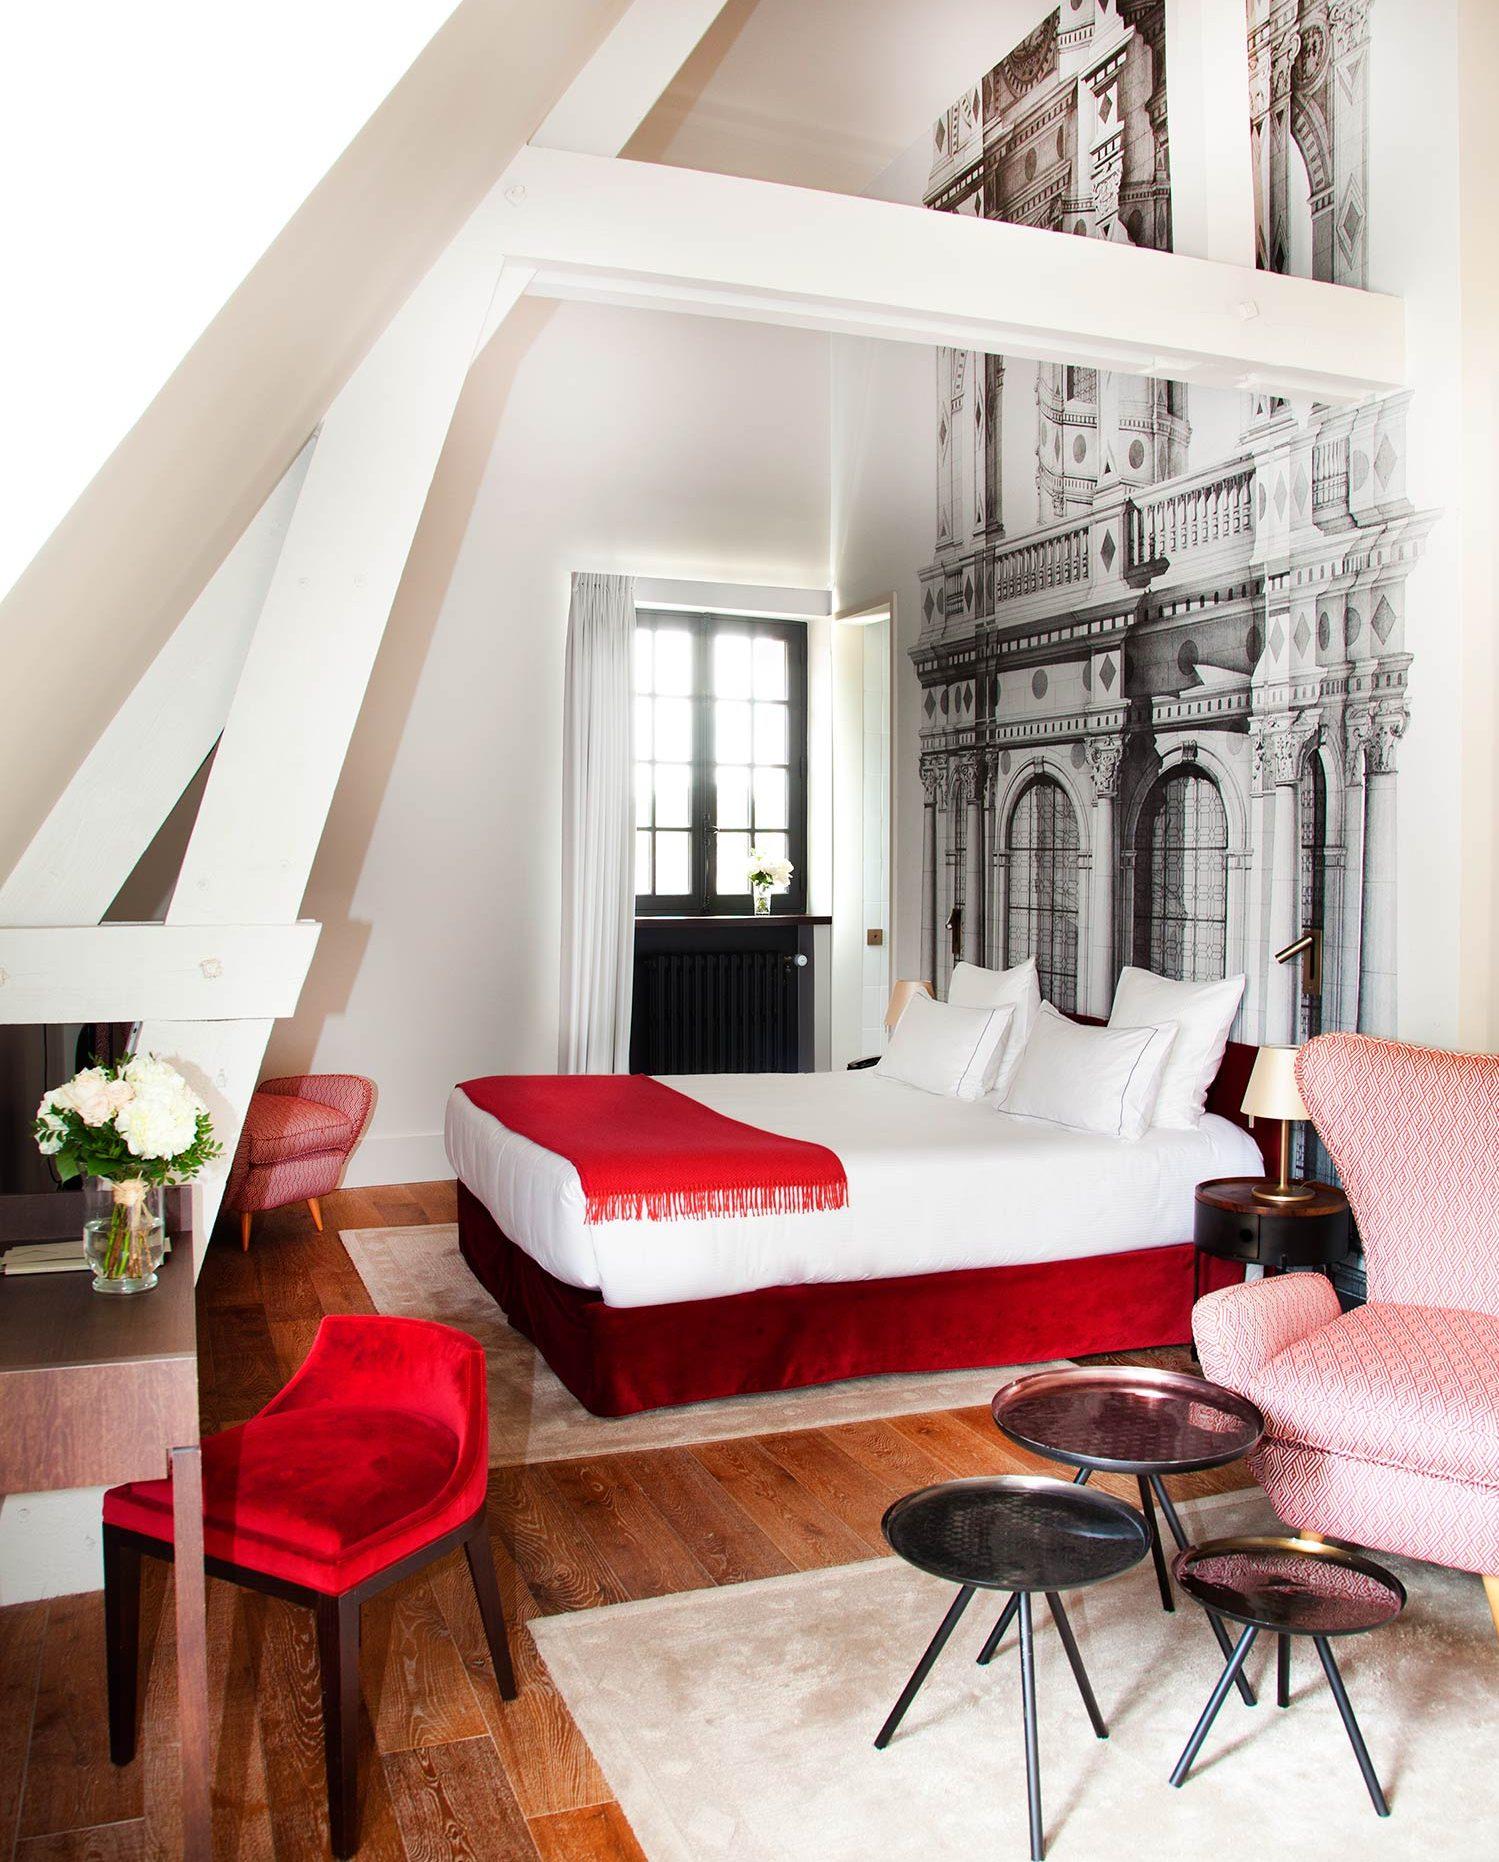 Junior Suite Chambord, at Relais de Chambord.